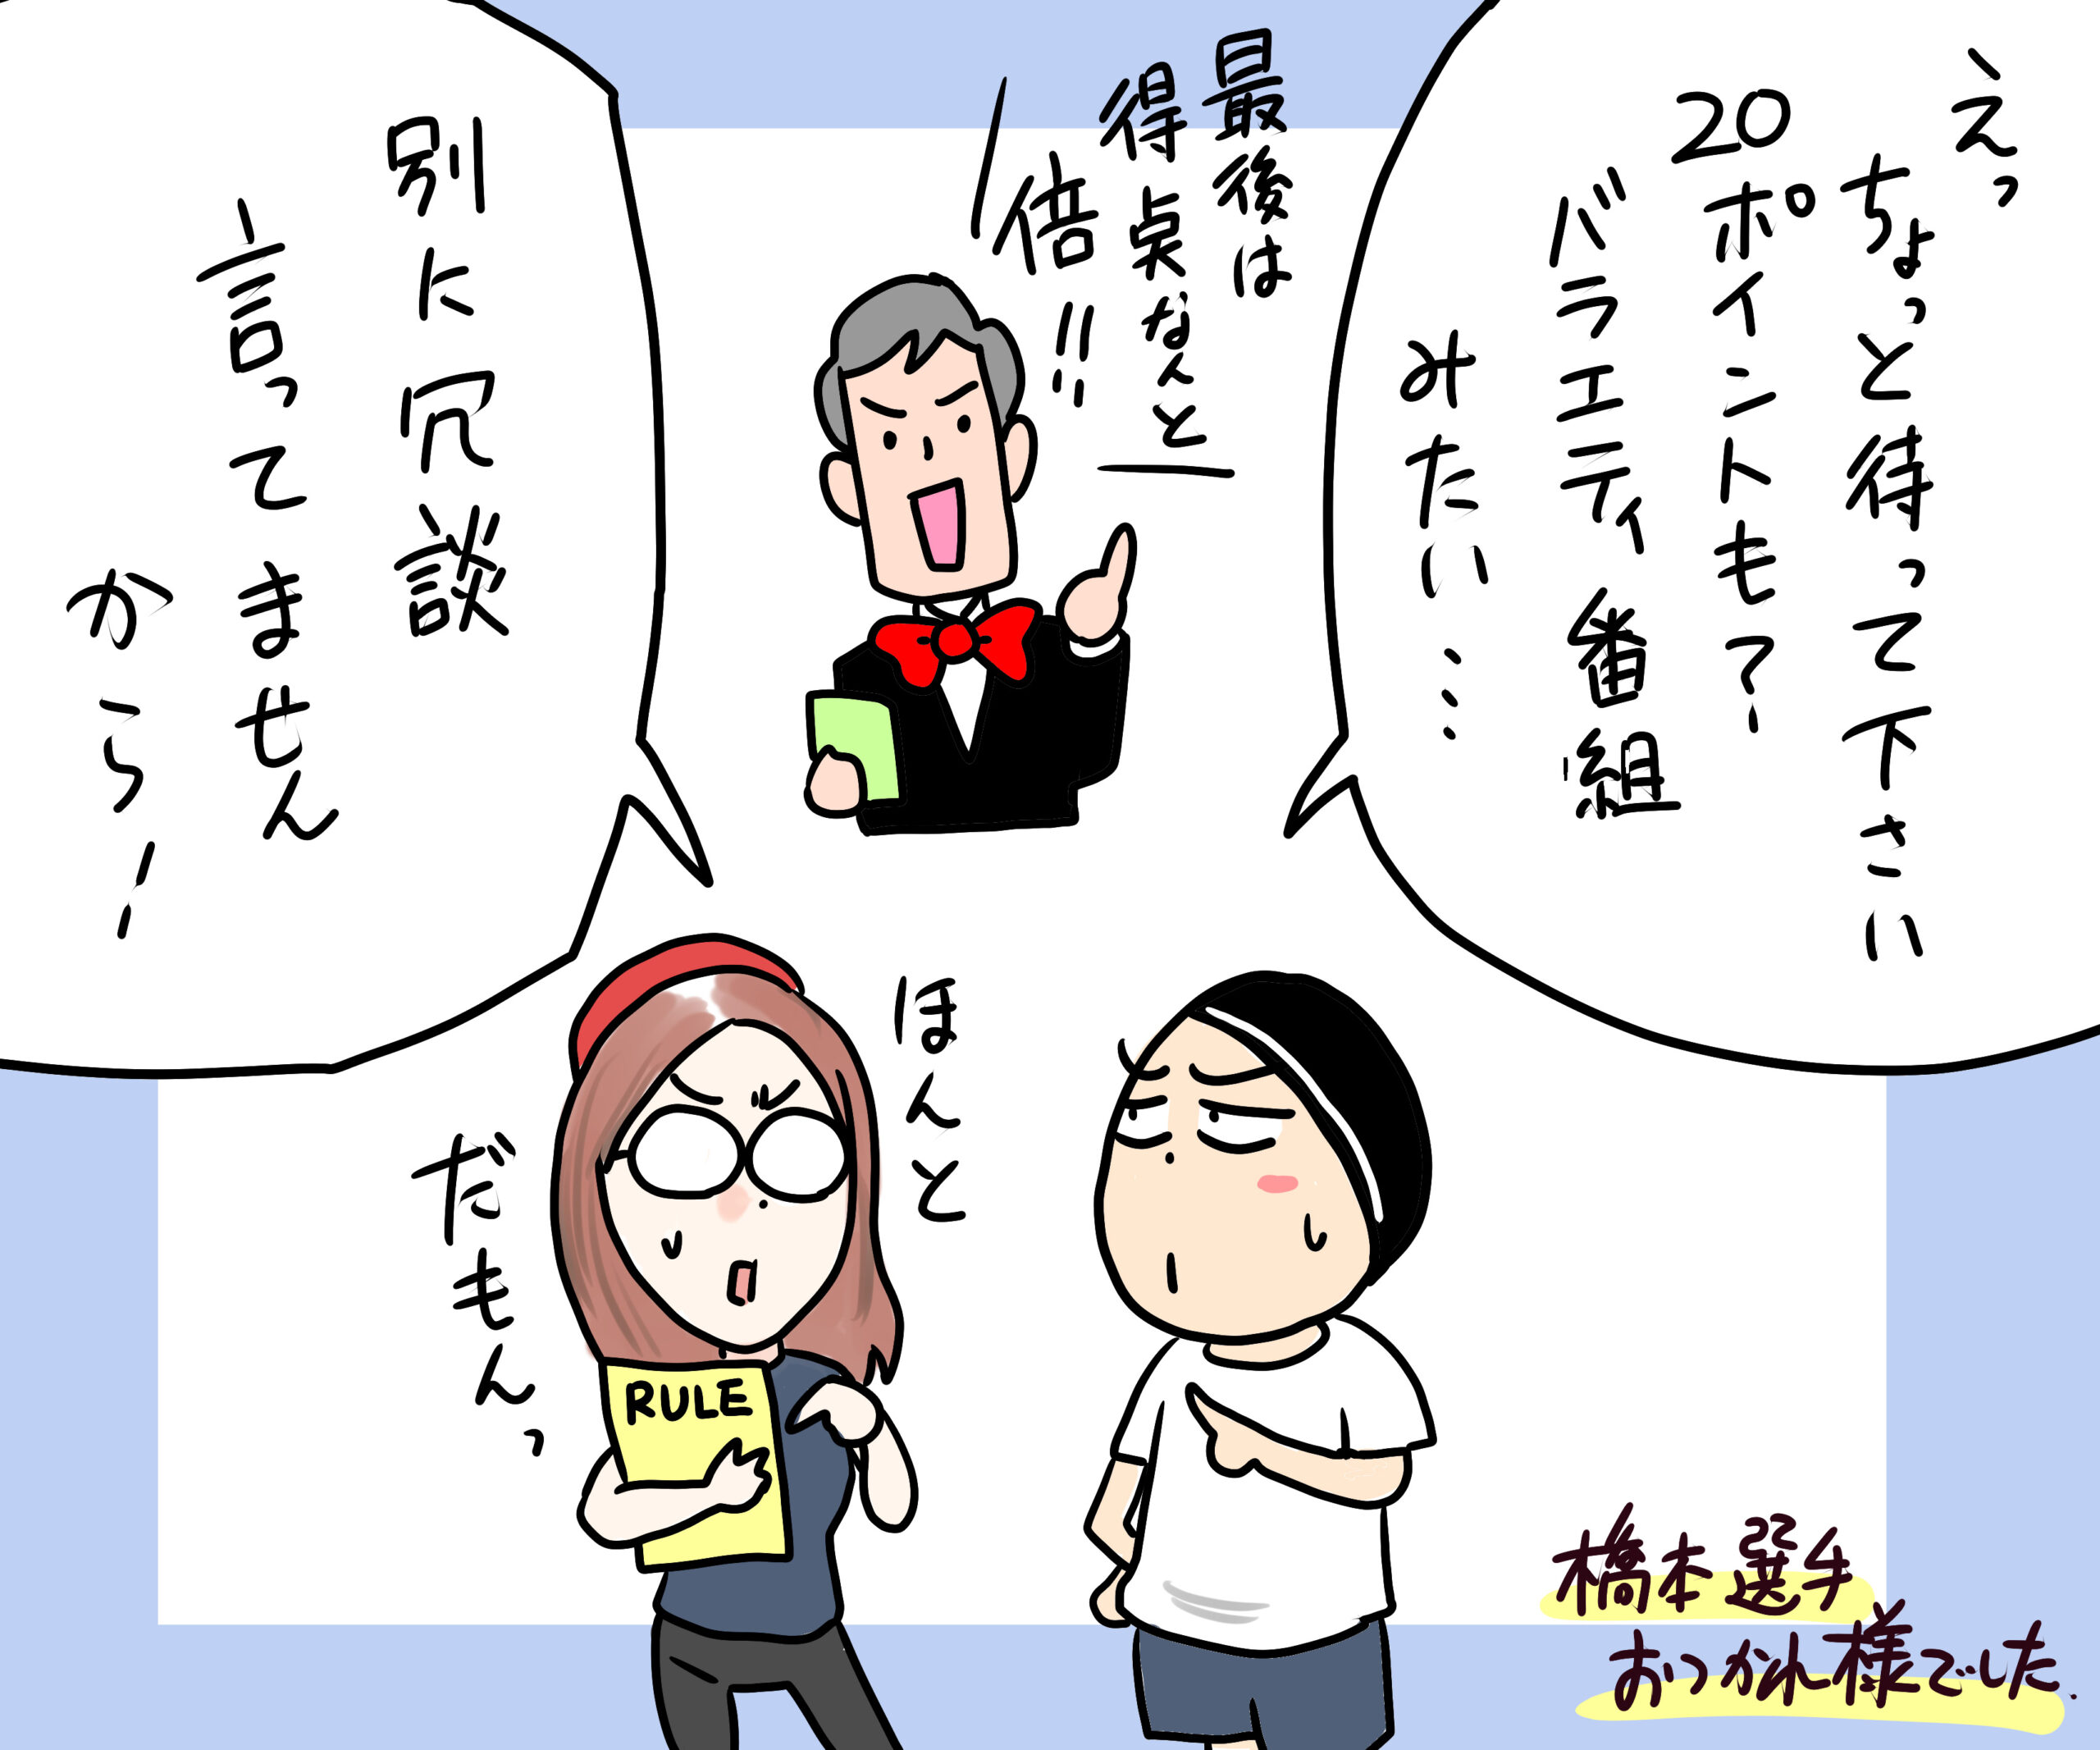 ろすモンのオリンピック漫画